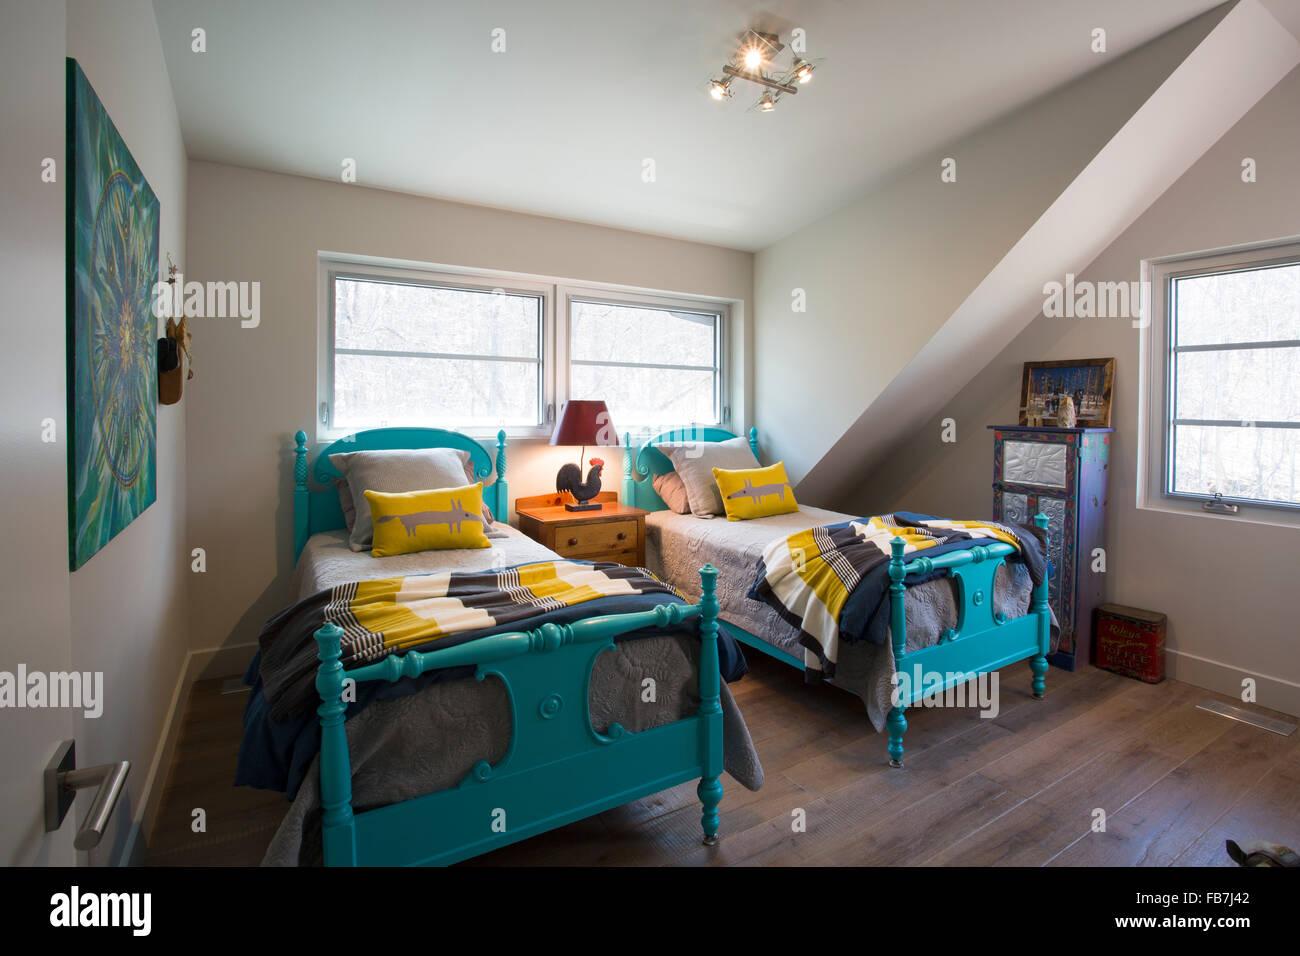 Chambre avec deux lits simples Photo Stock